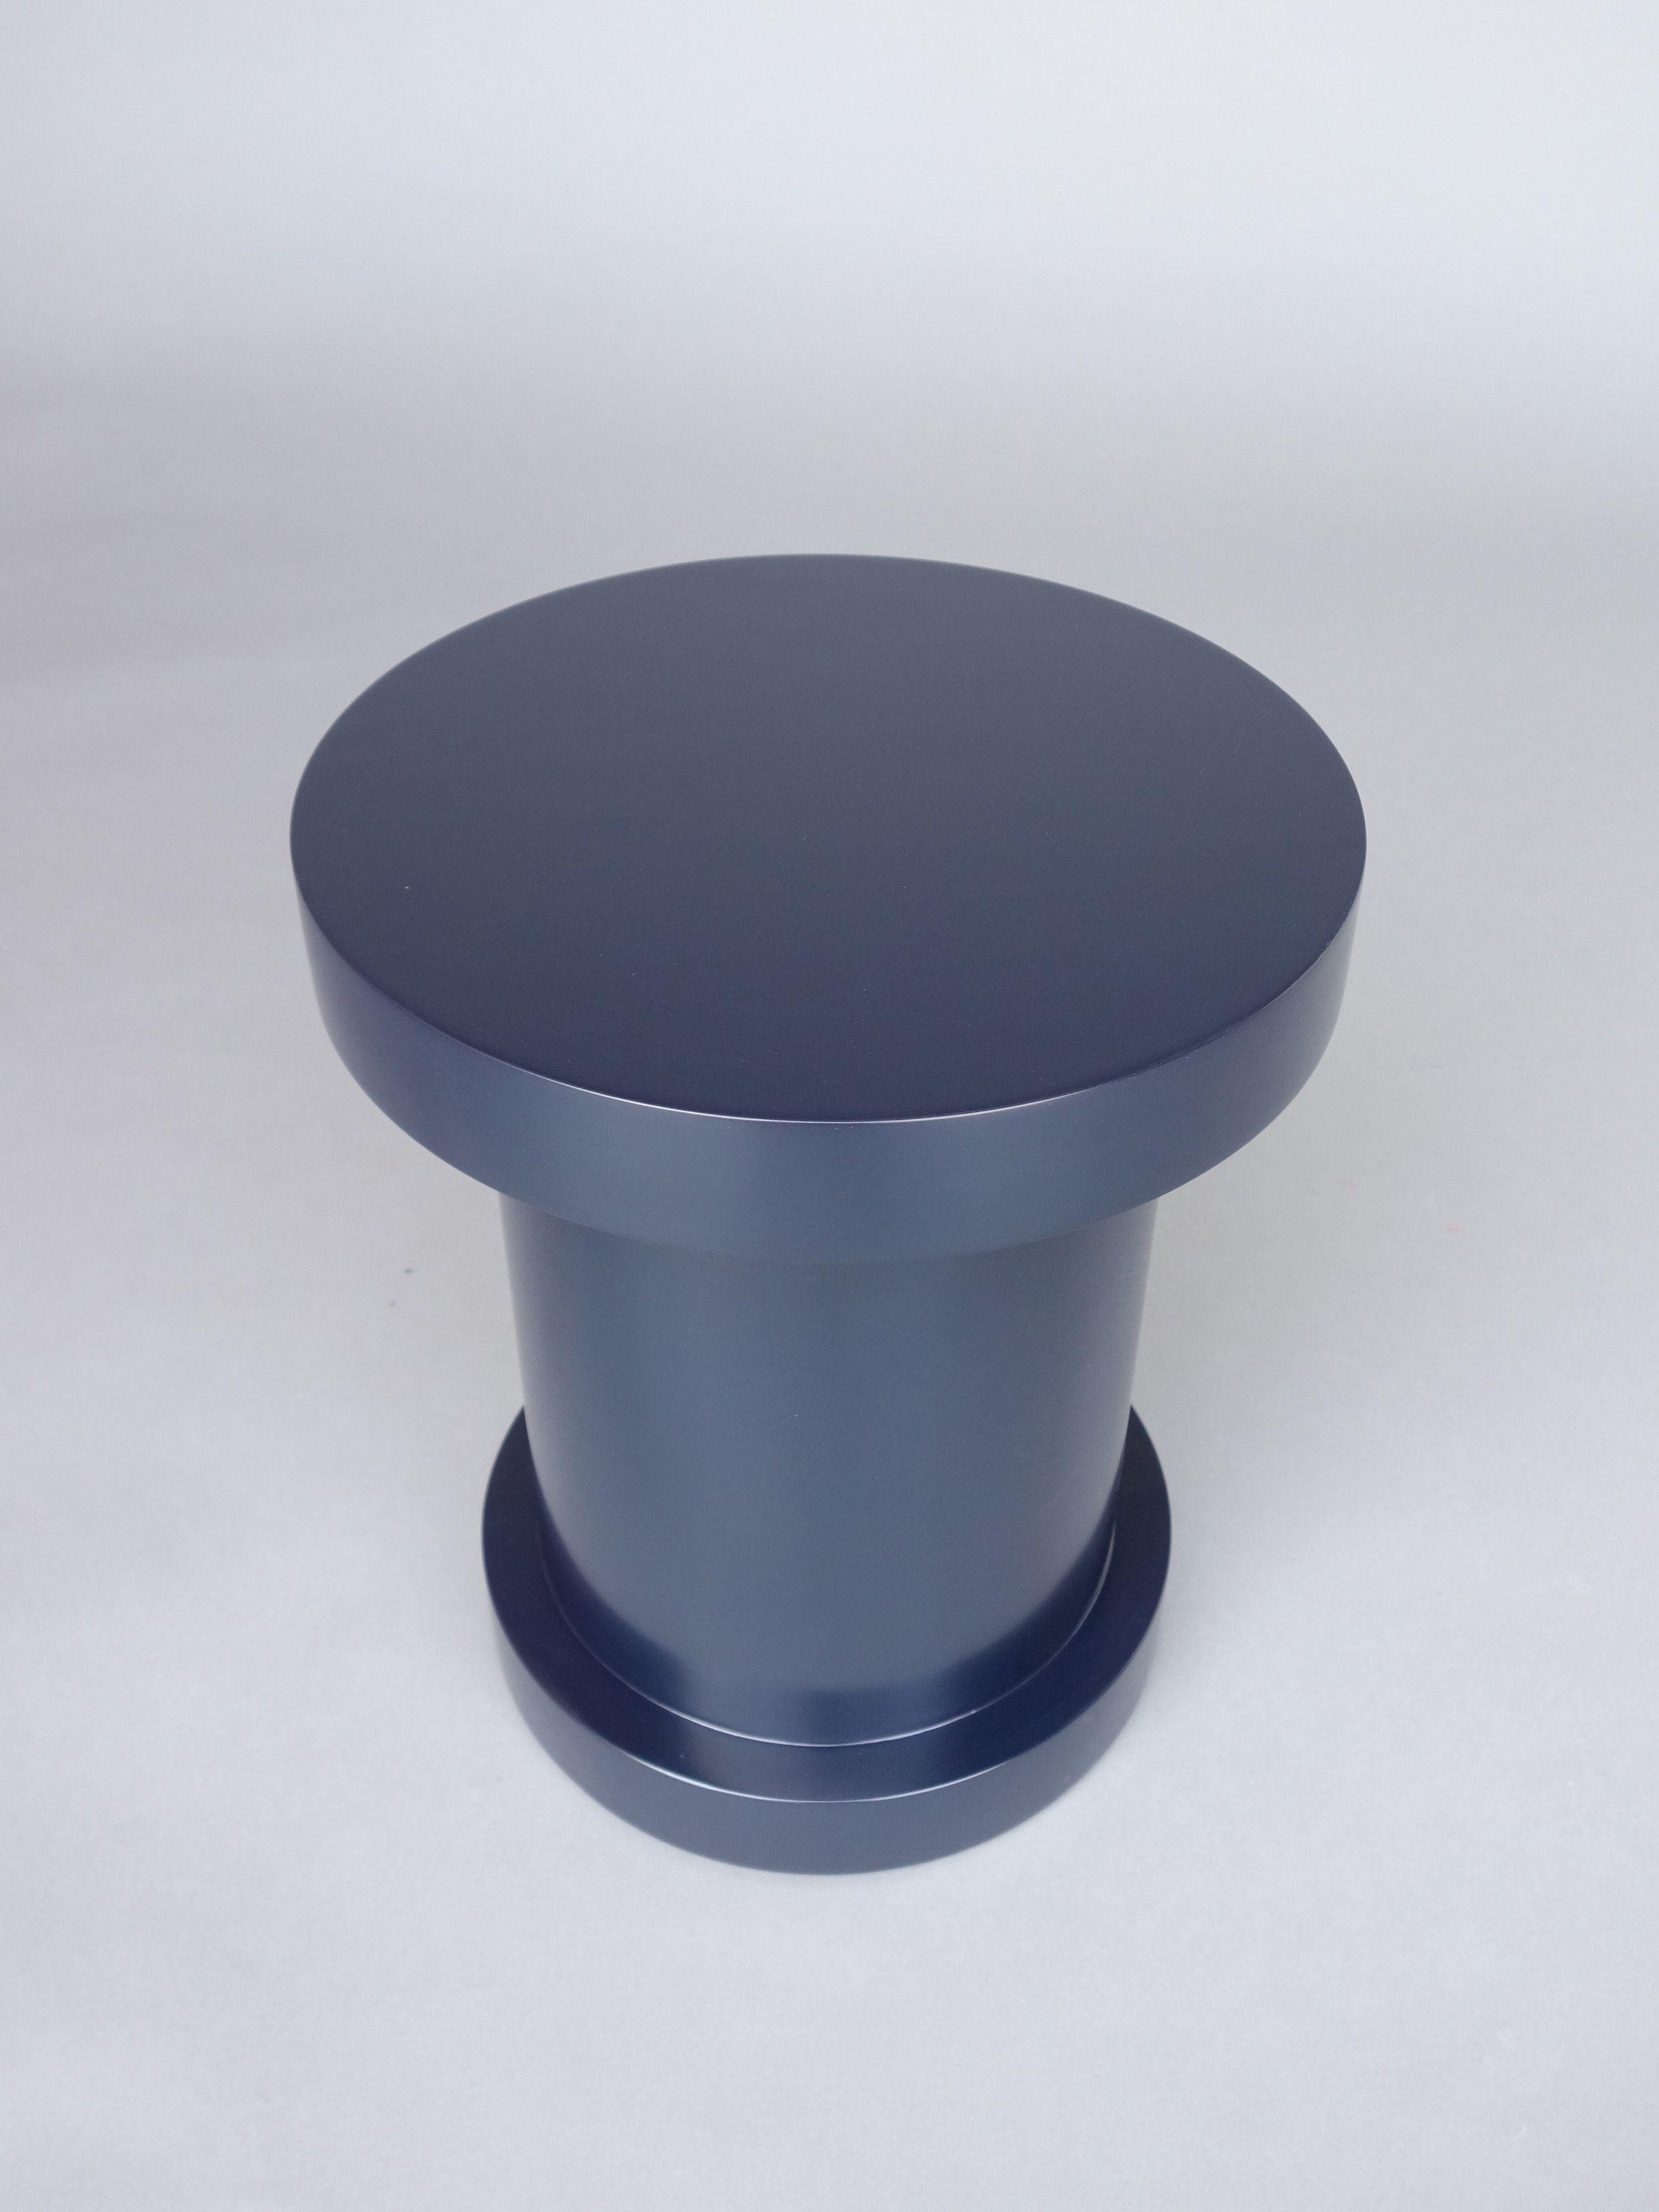 Spool Stools product image 8